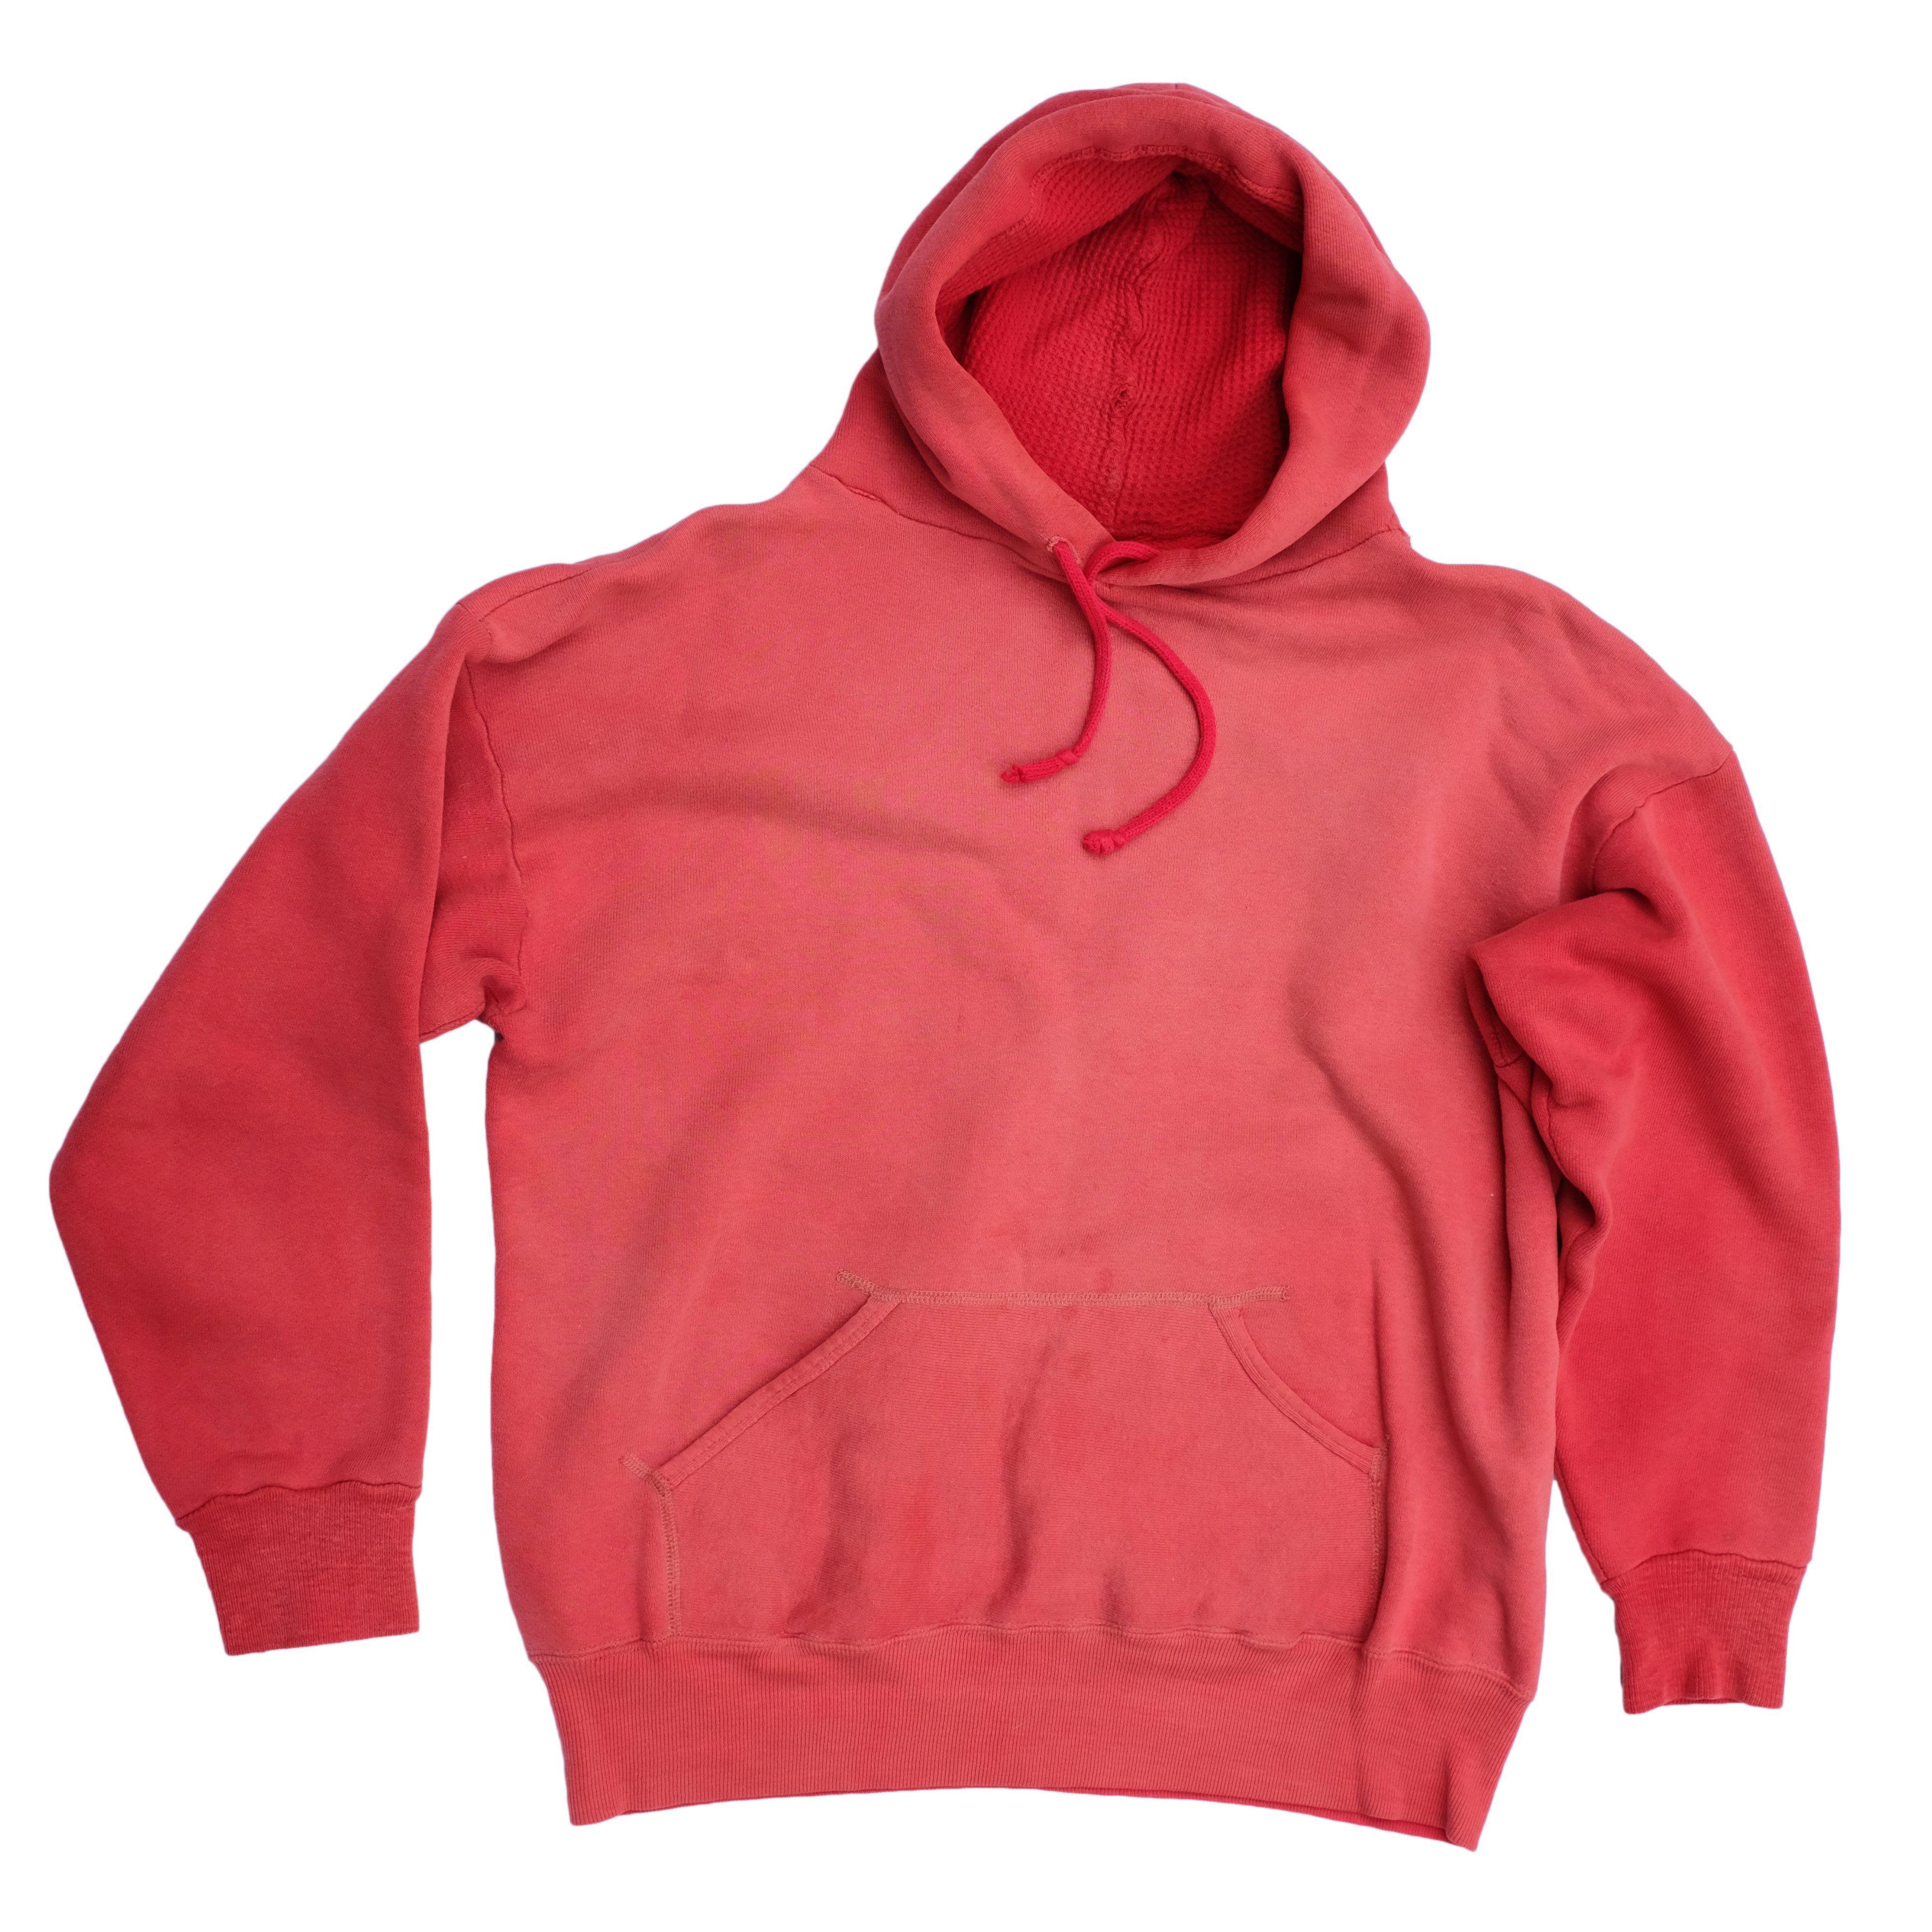 50s 60s Sun Faded Red Hoodie Vintage Vintage Hoodies Hoodies Red Hoodie